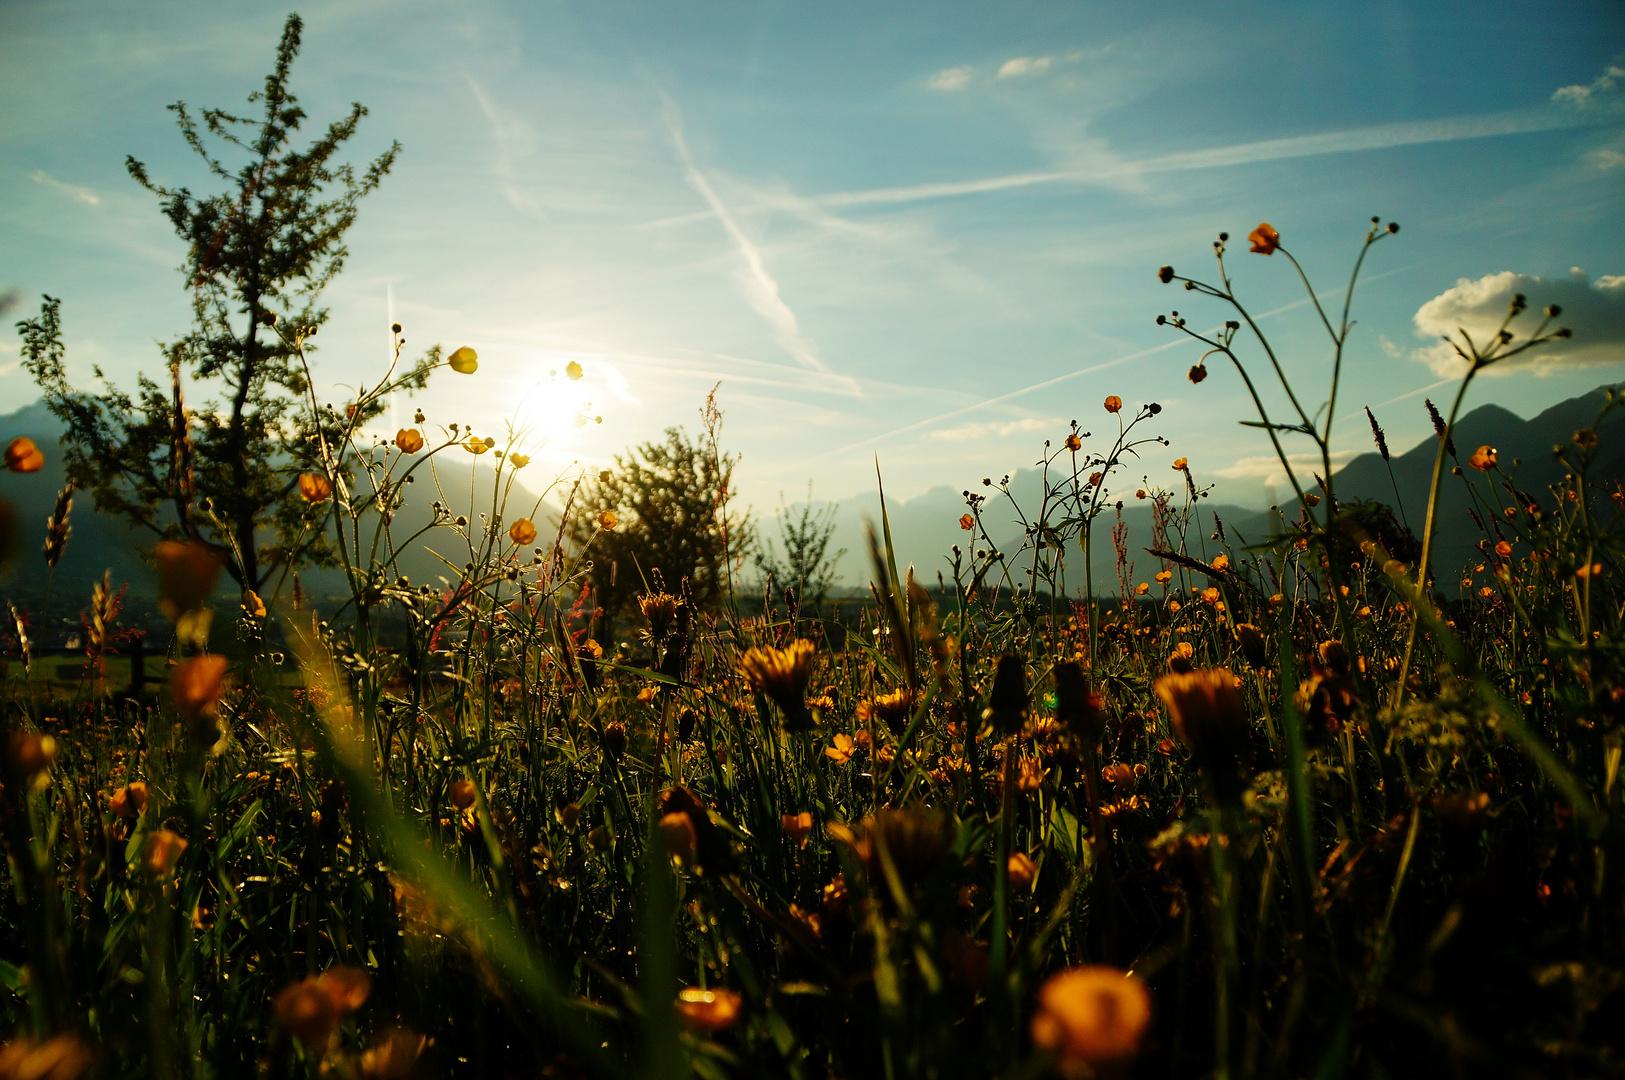 sonniger Frühlingsabend